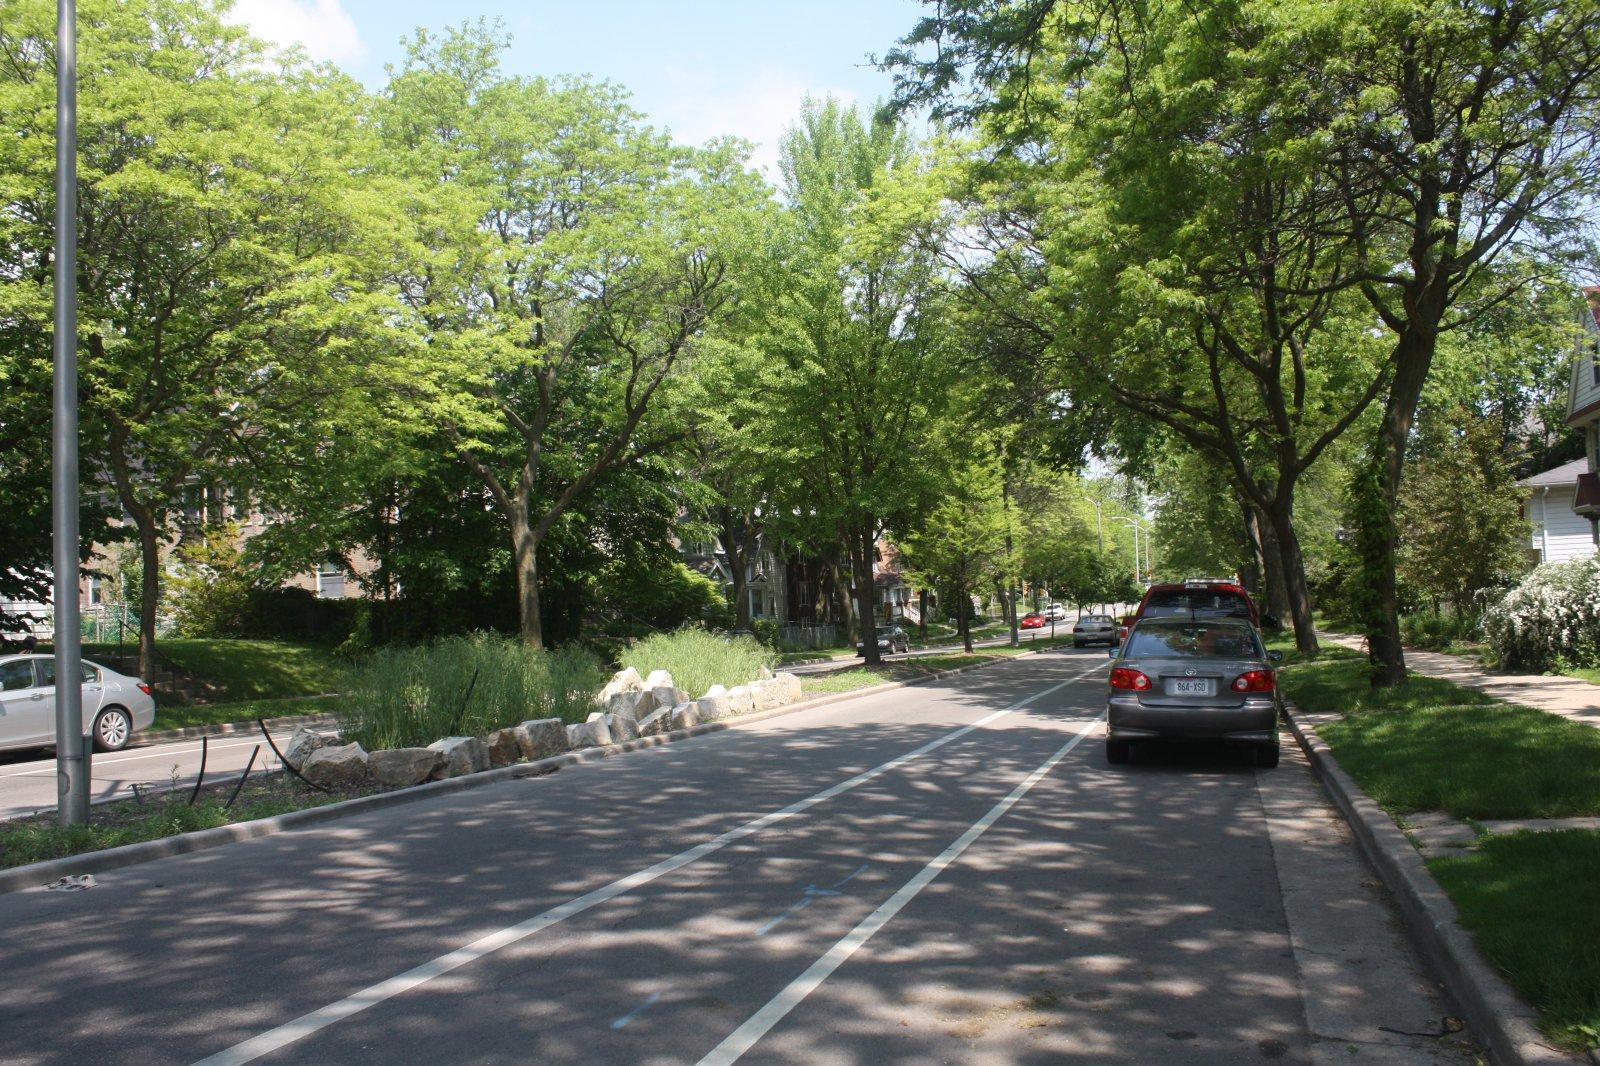 N. Humboldt Blvd. Photo taken June 1st, 2016 by Carl Baehr.